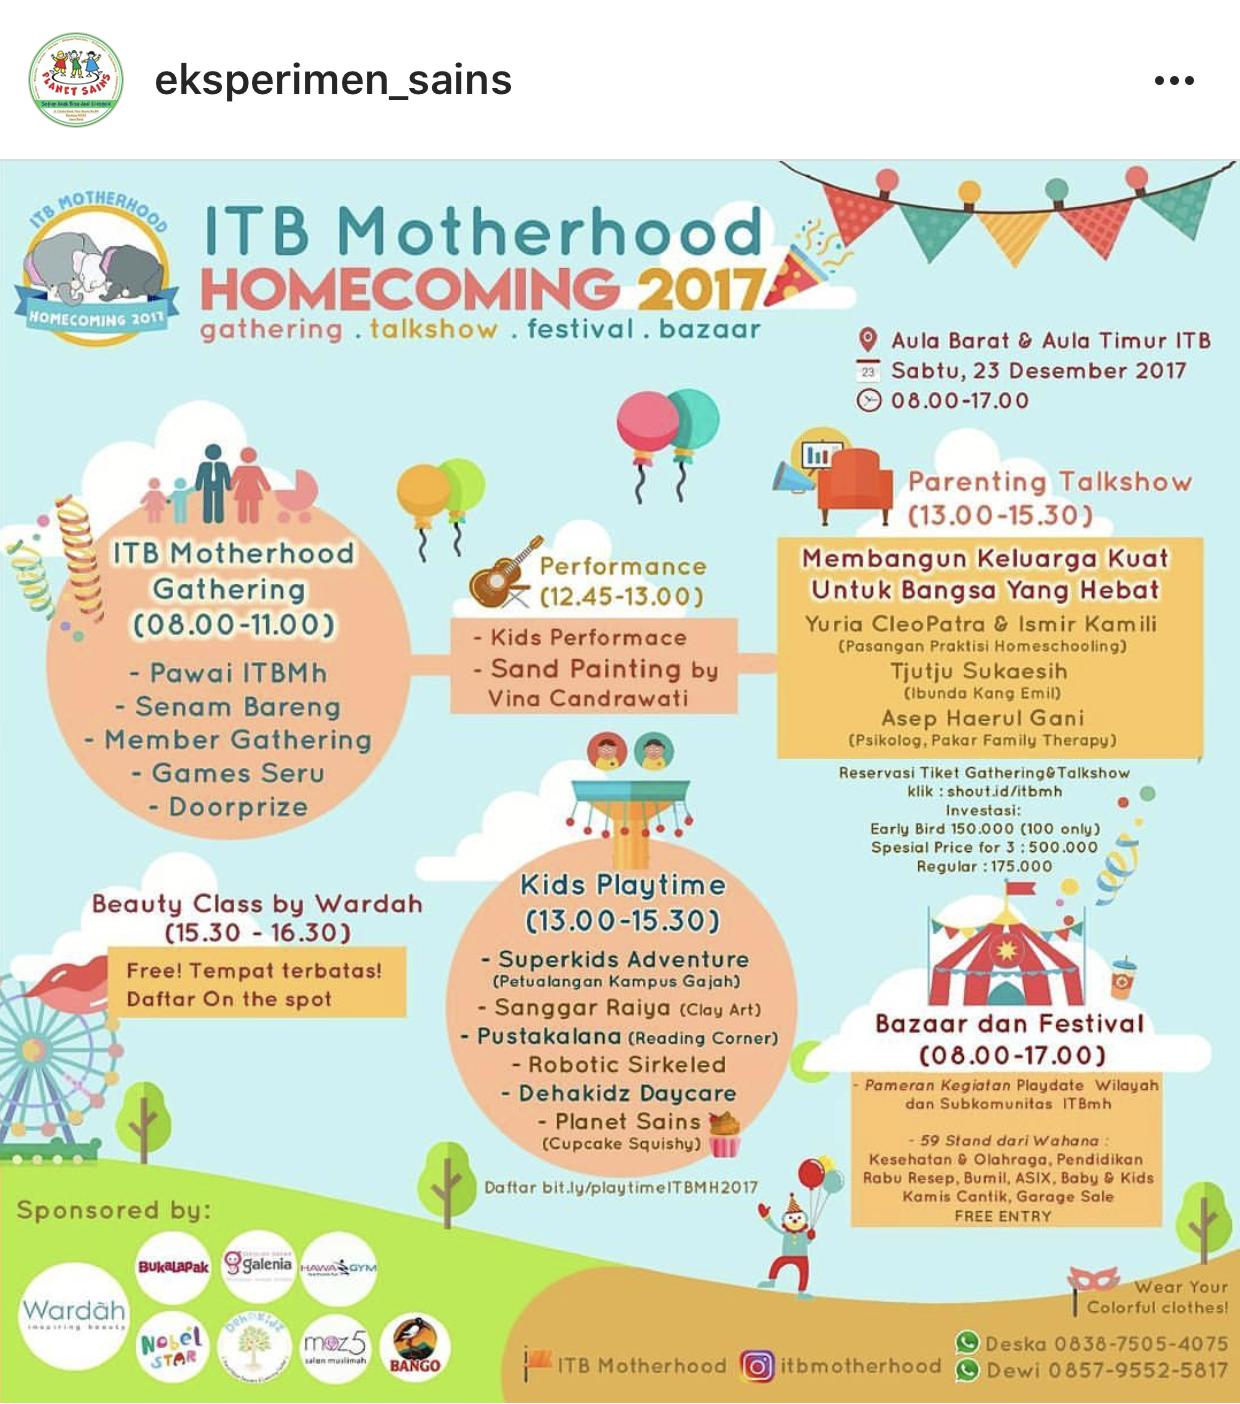 itbmotherhoodhomecoming2017_liburananak